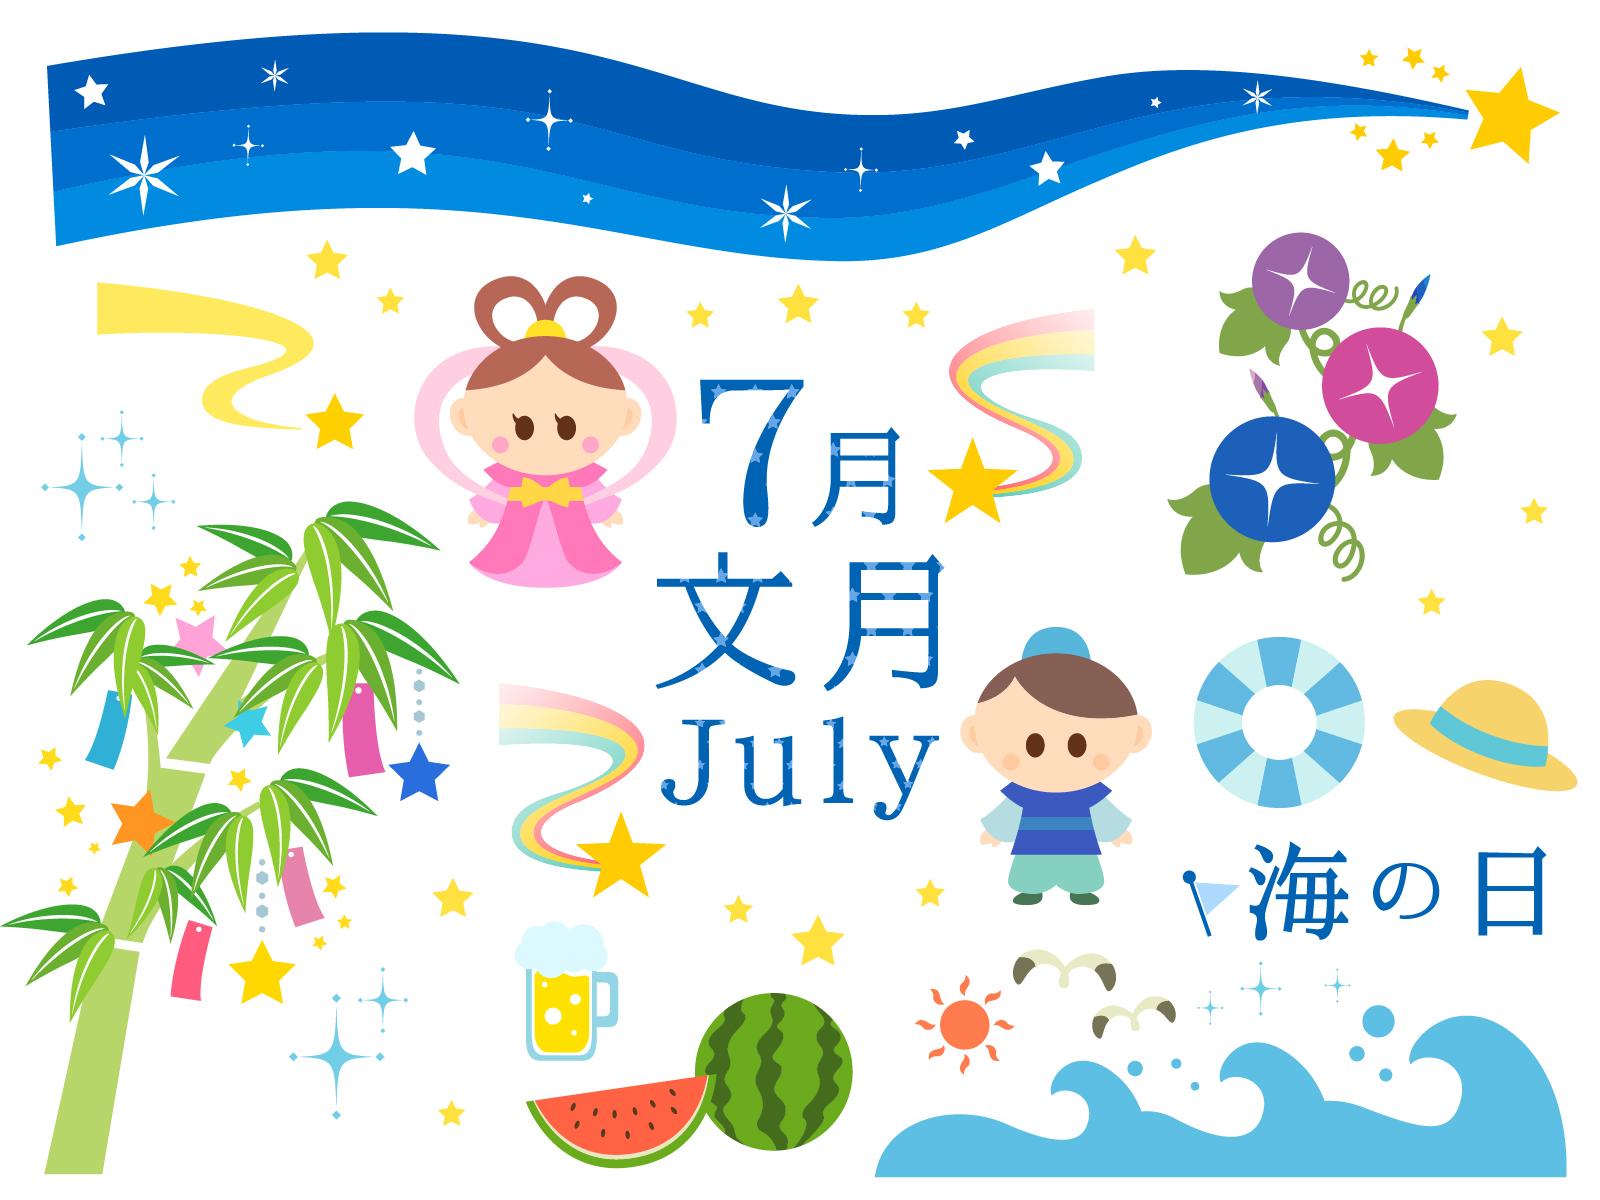 7月といえば イベントや行事 花や食べ物など話題のタネまとめ 速報 スクープちゃんニュース